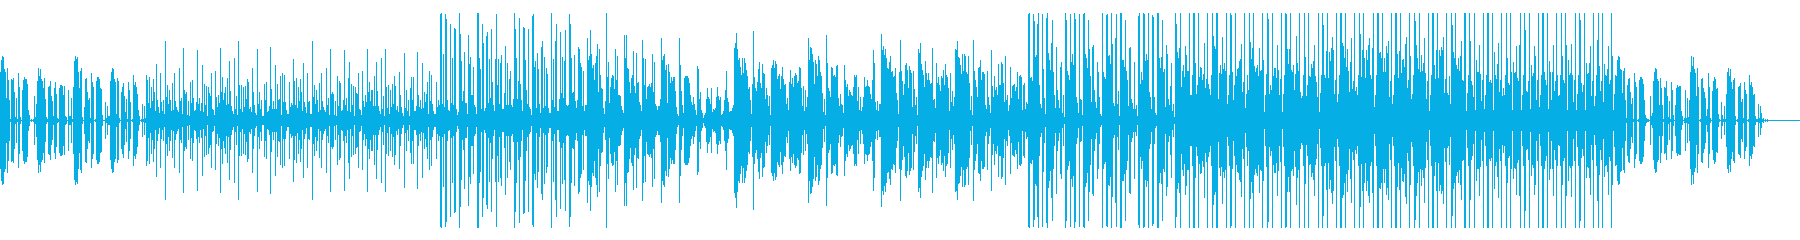 昭和のアニメで流れていそうなのどかな音楽の再生済みの波形